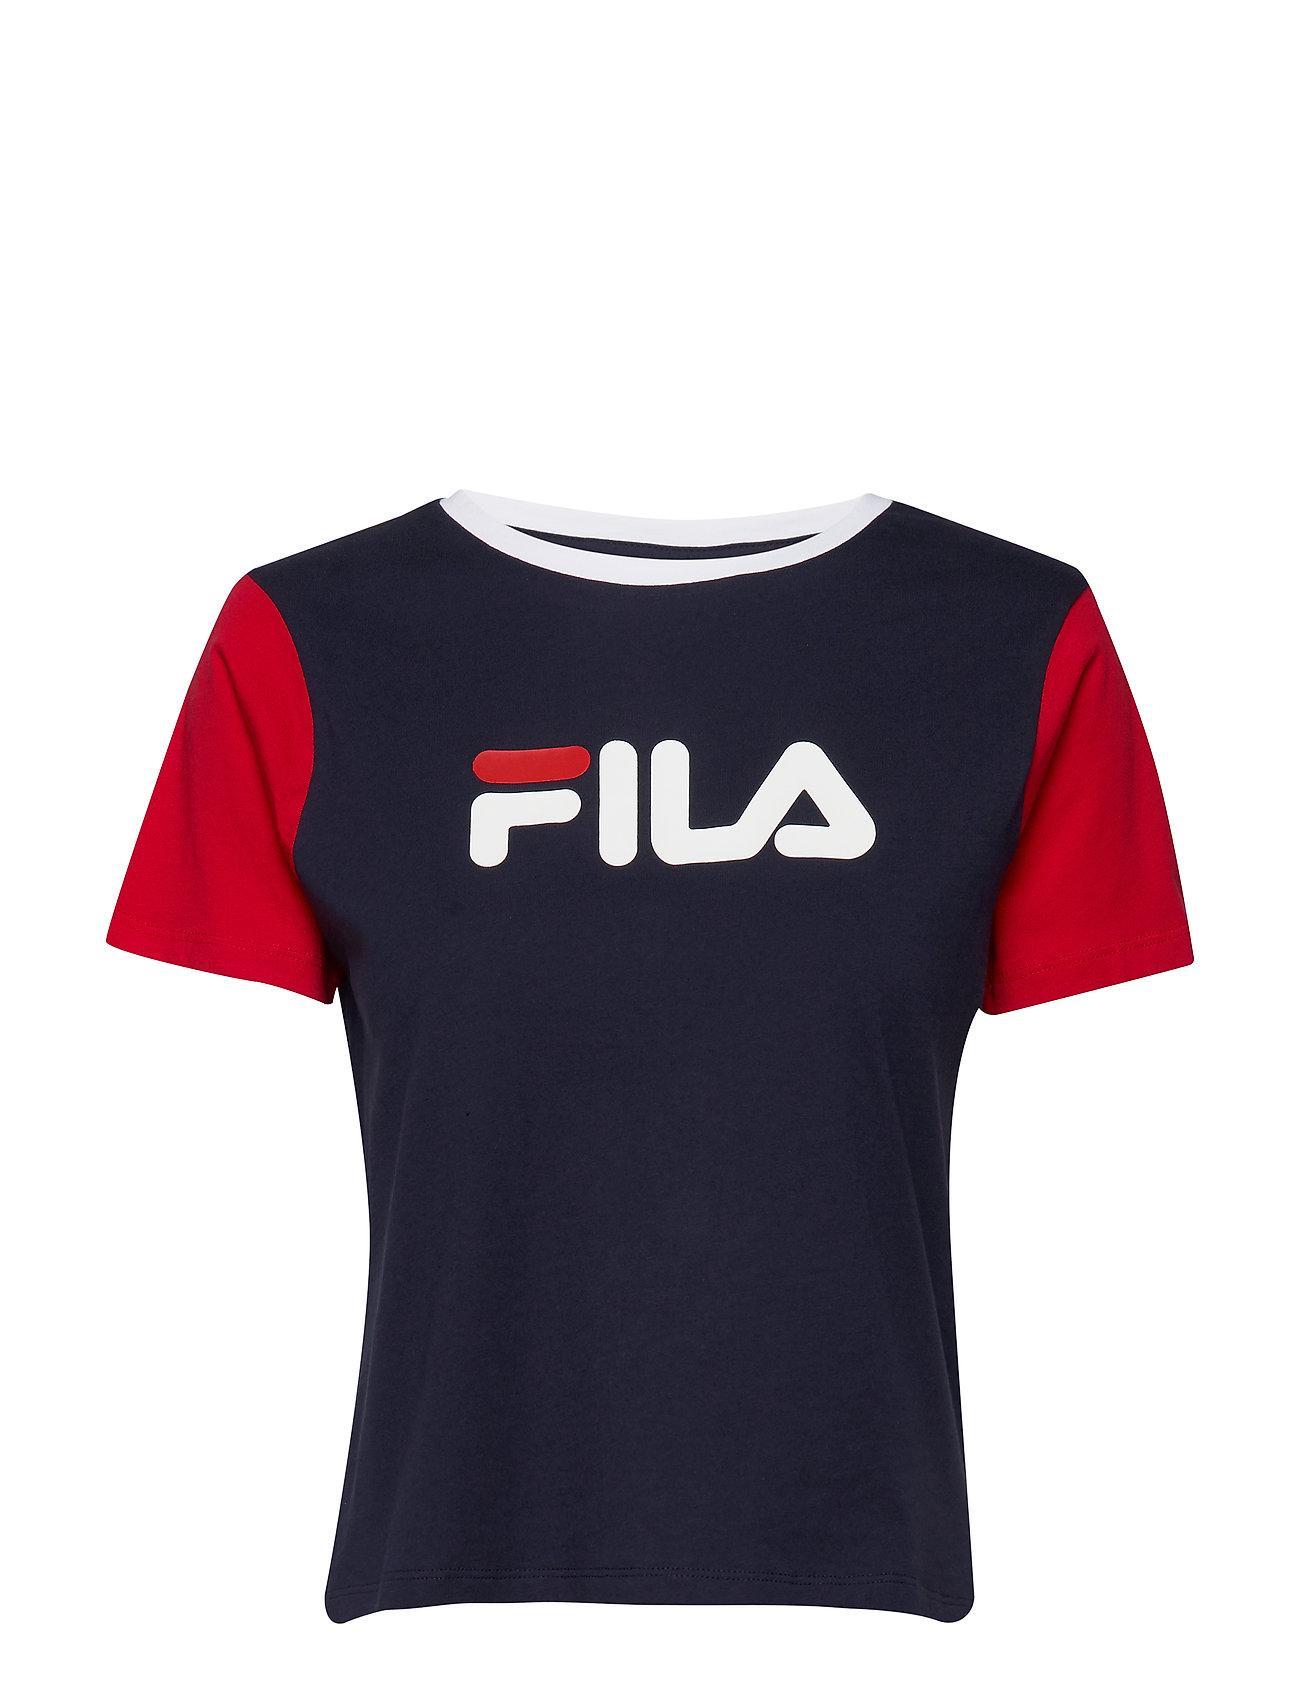 Image of Women Salome Tee T-shirt Top Blå FILA (3352579417)